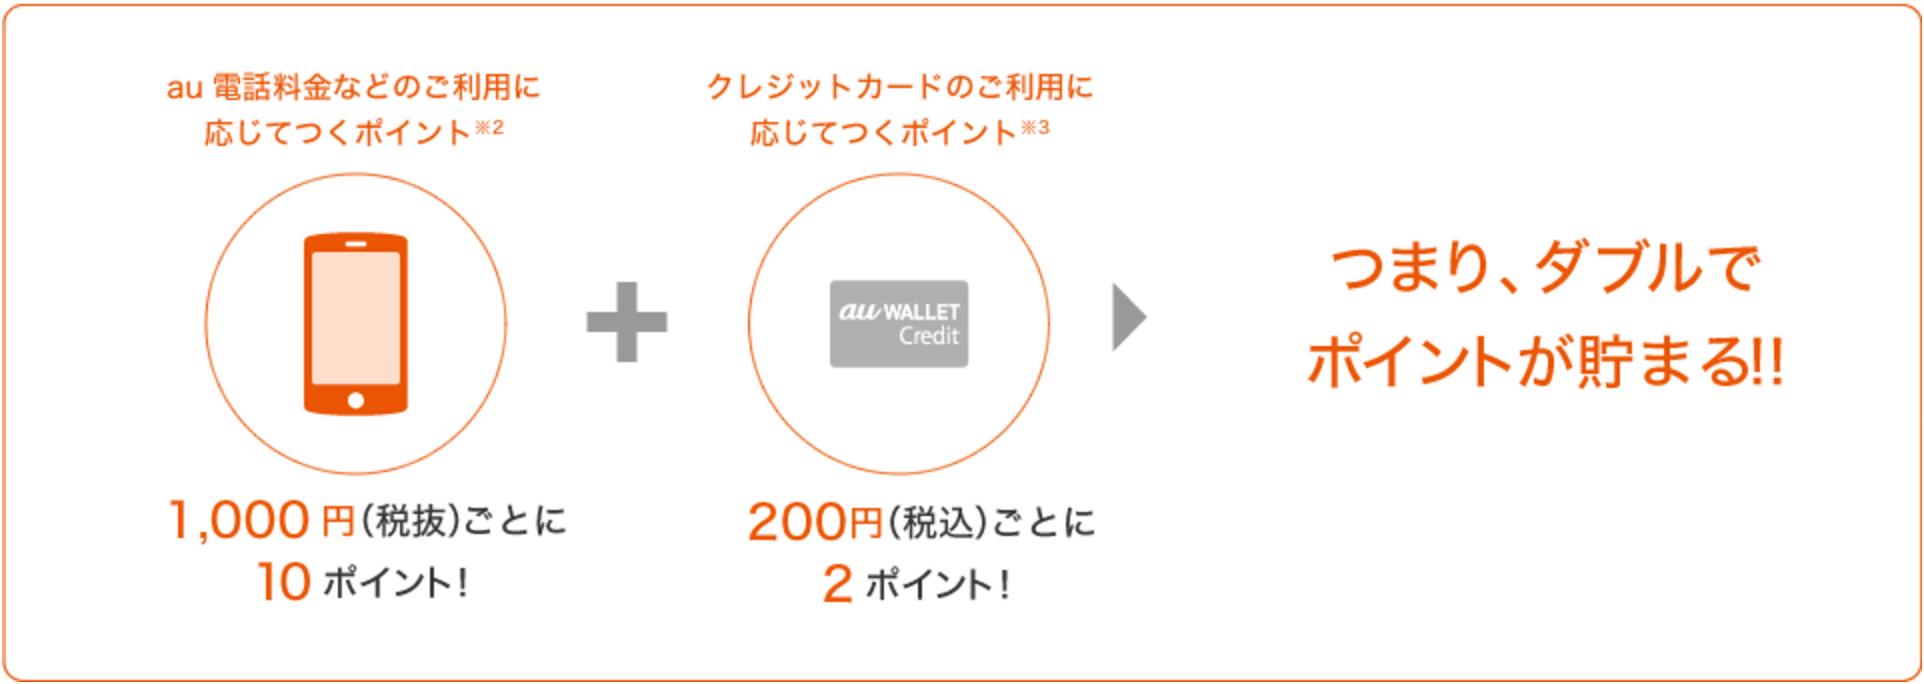 au WALLETクレジットカードでauの利用料金を支払うとポイントがダブルでたまる